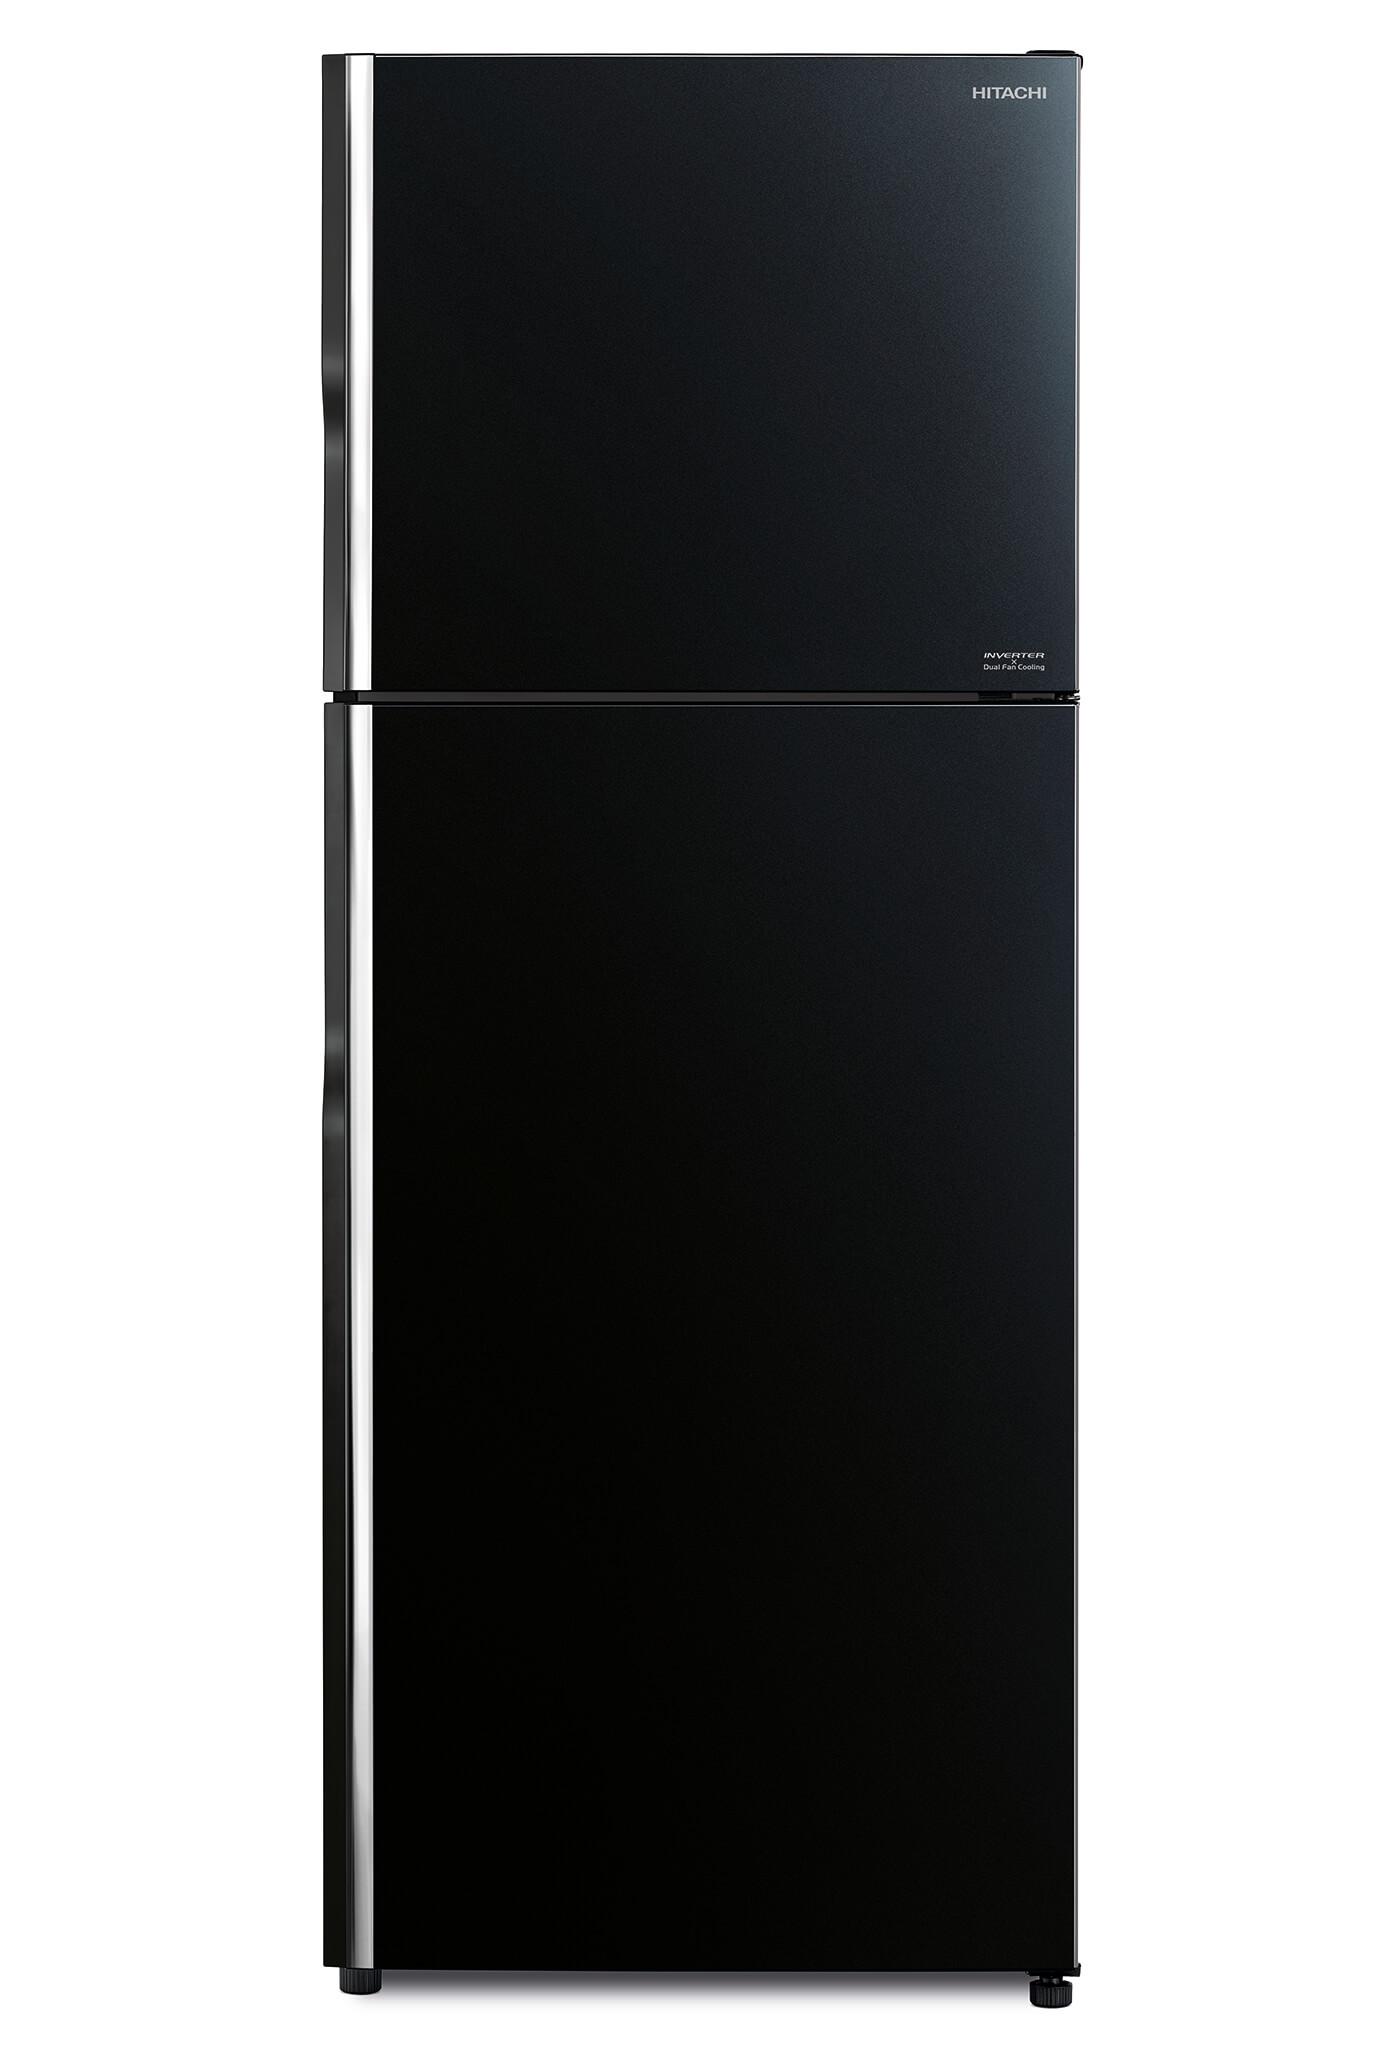 R-VG470PUC8GBK